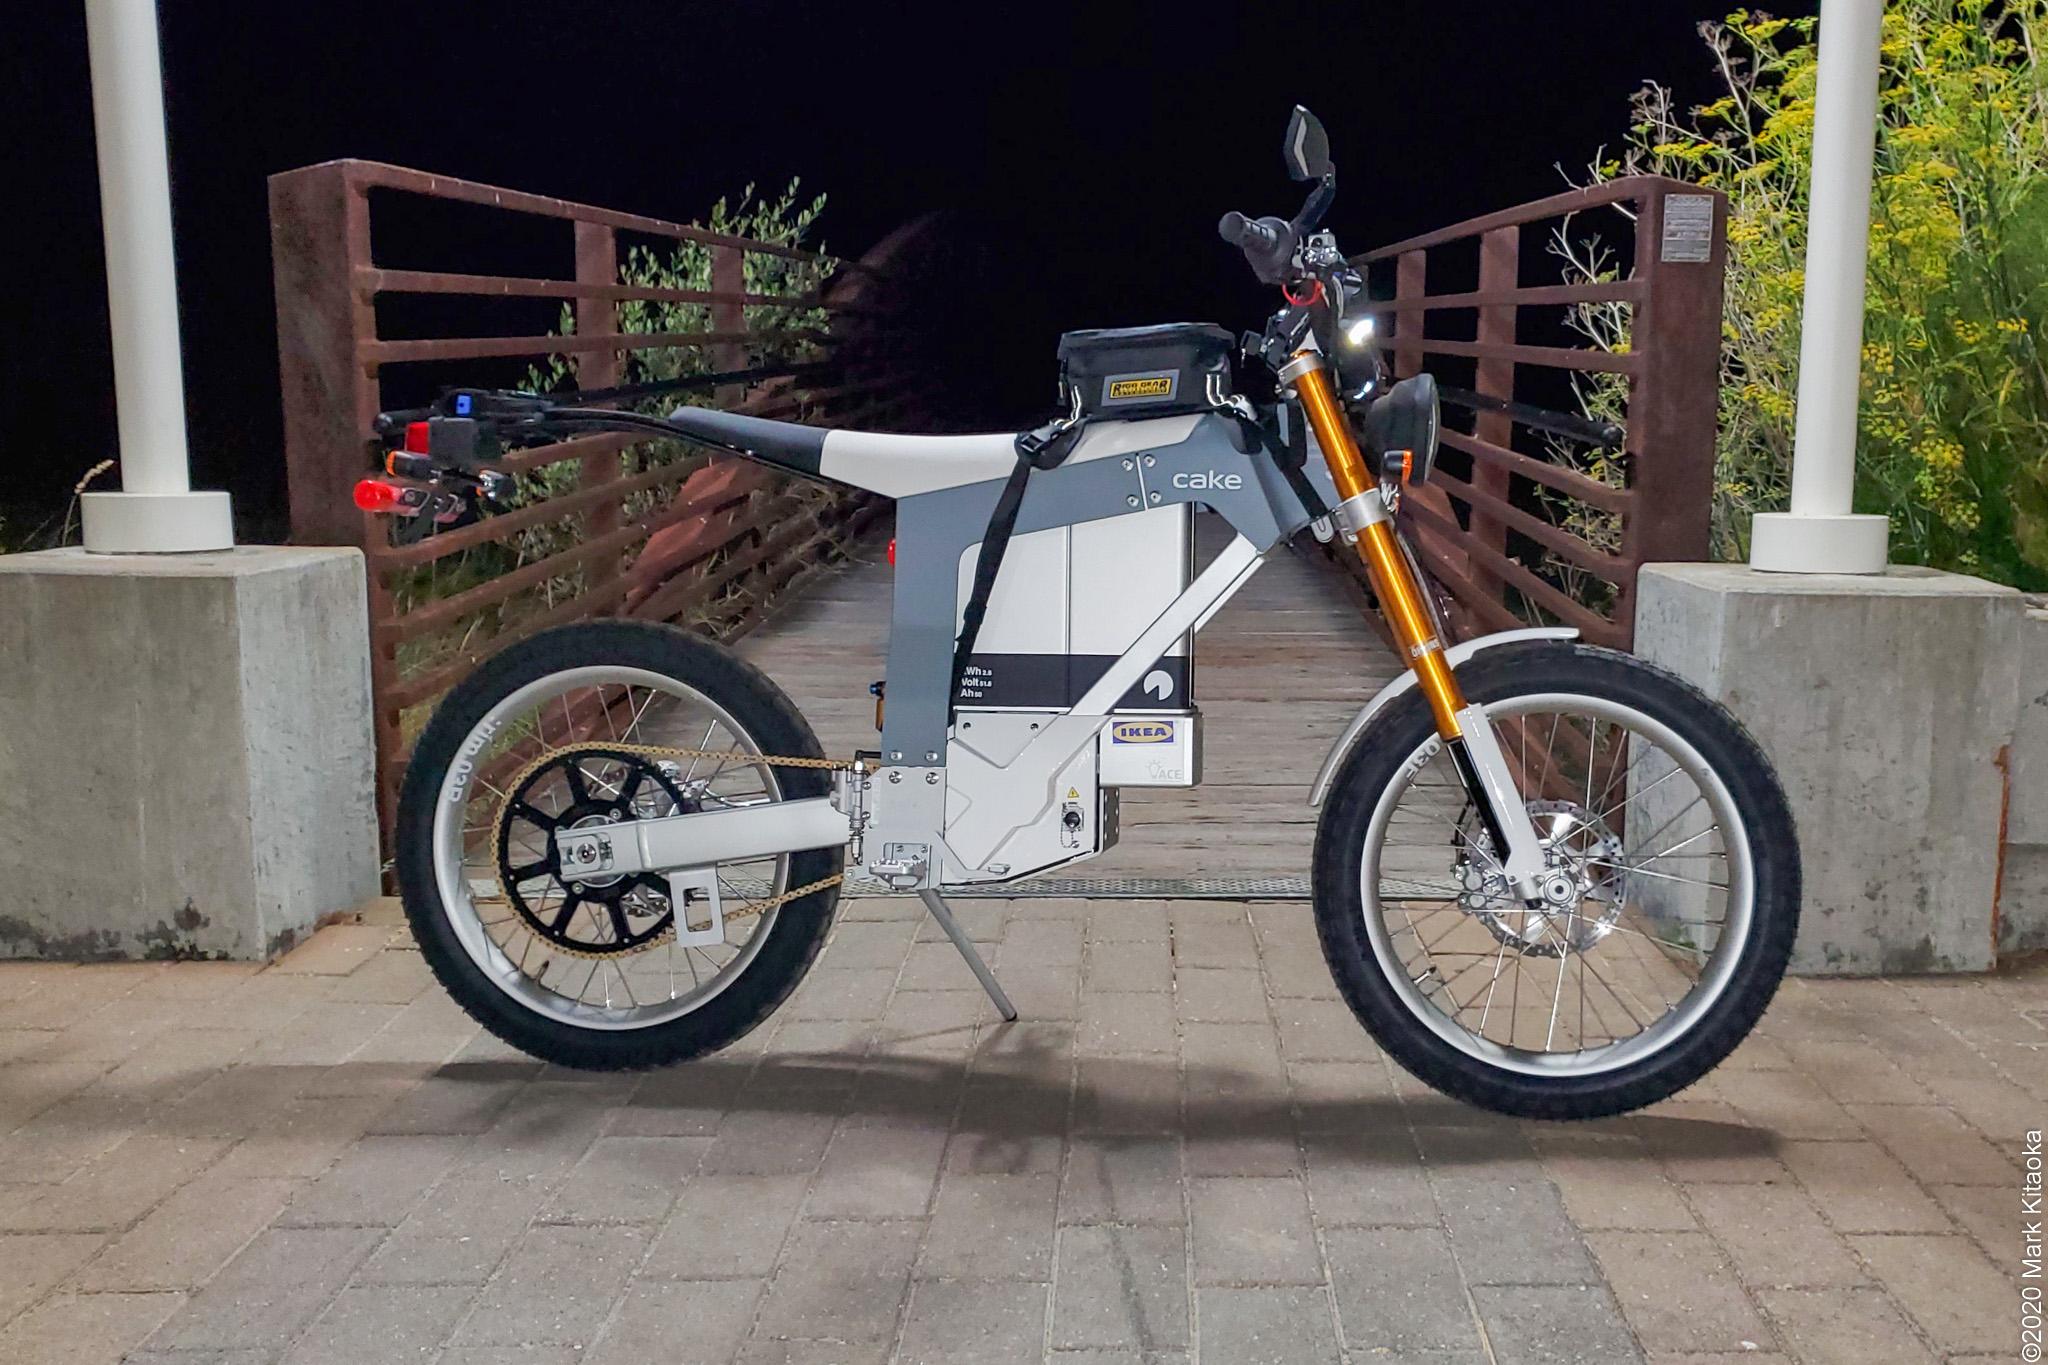 Kalk motorcycle in front of bridge